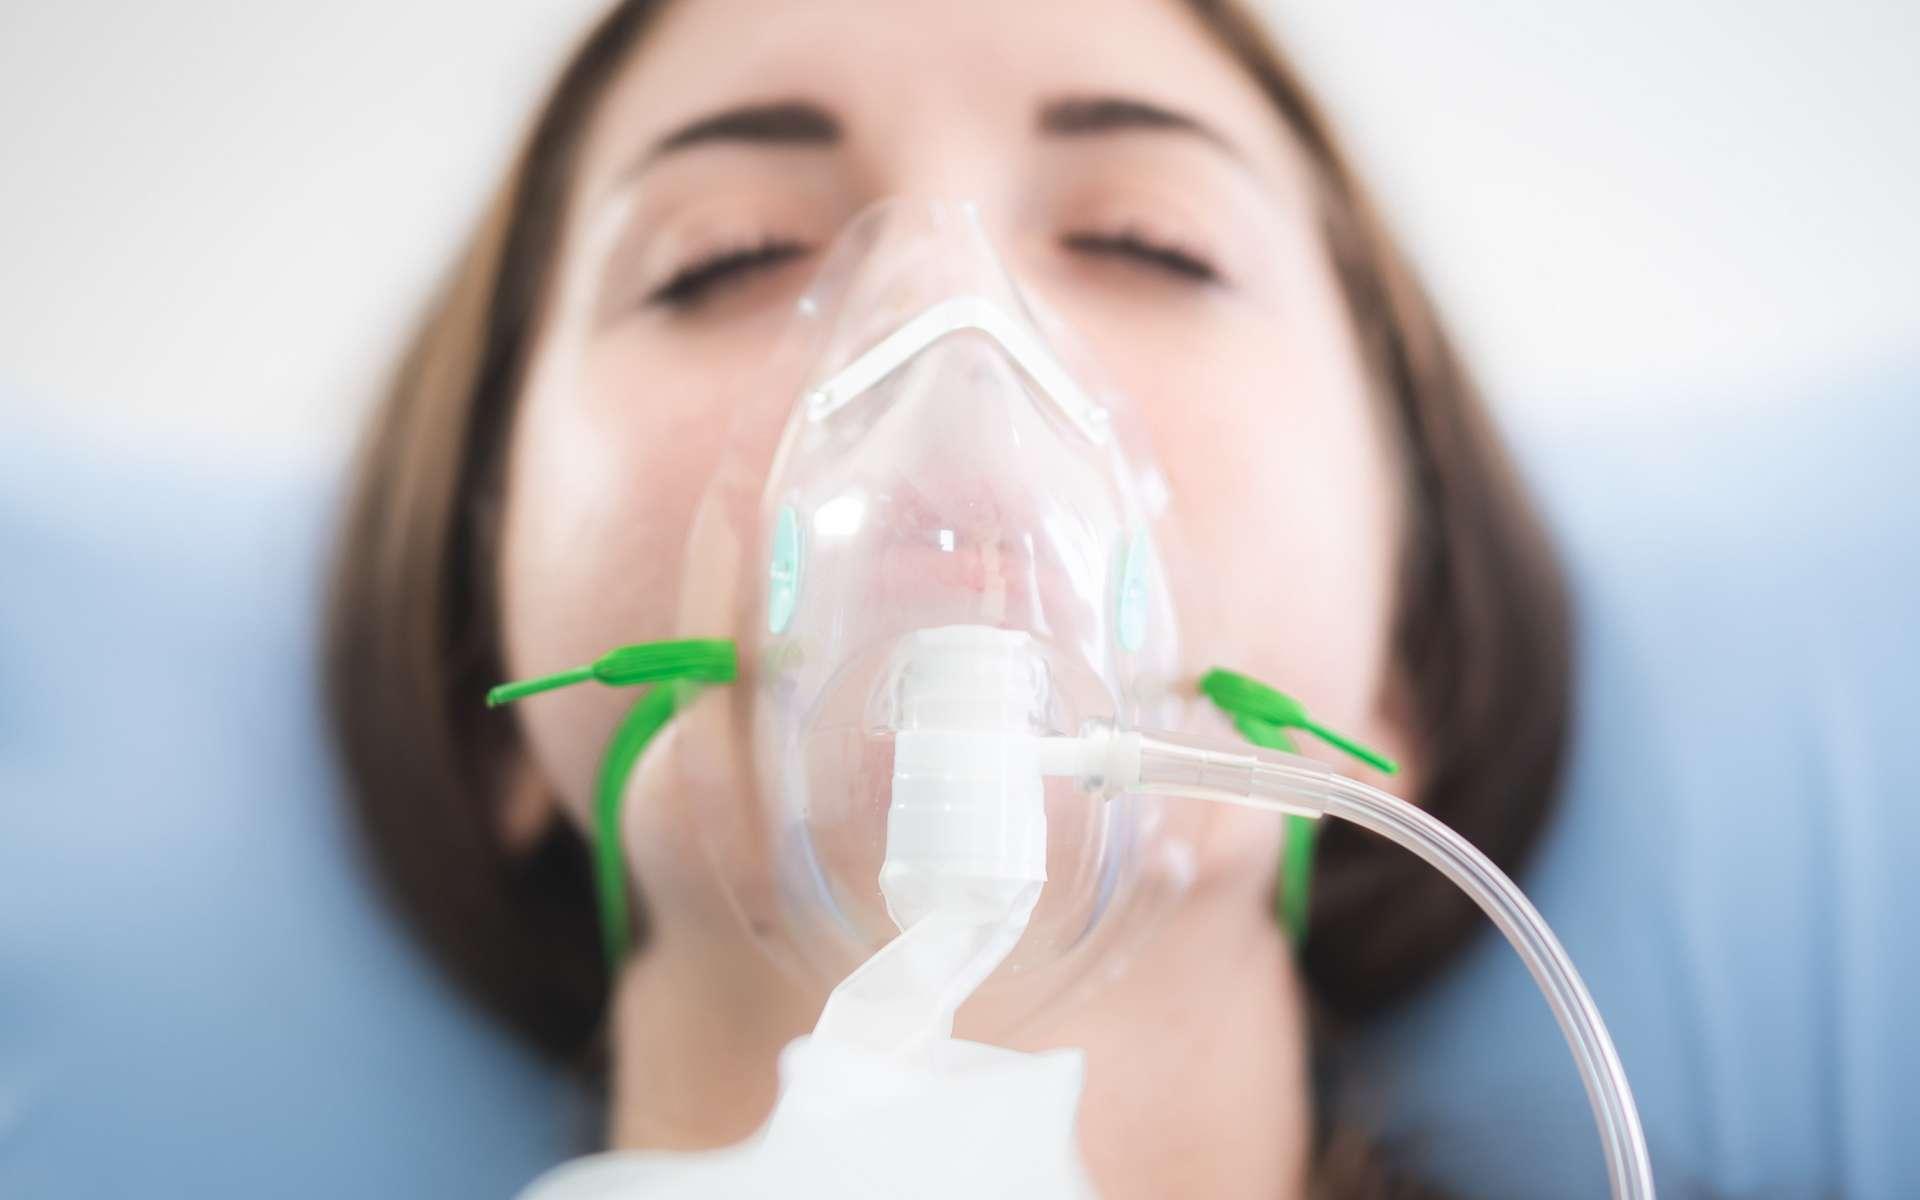 Oxygénothérapie à domicile : patient ayant des soins infirmiers courants pendant les 10 jours suivants un test COVID positif